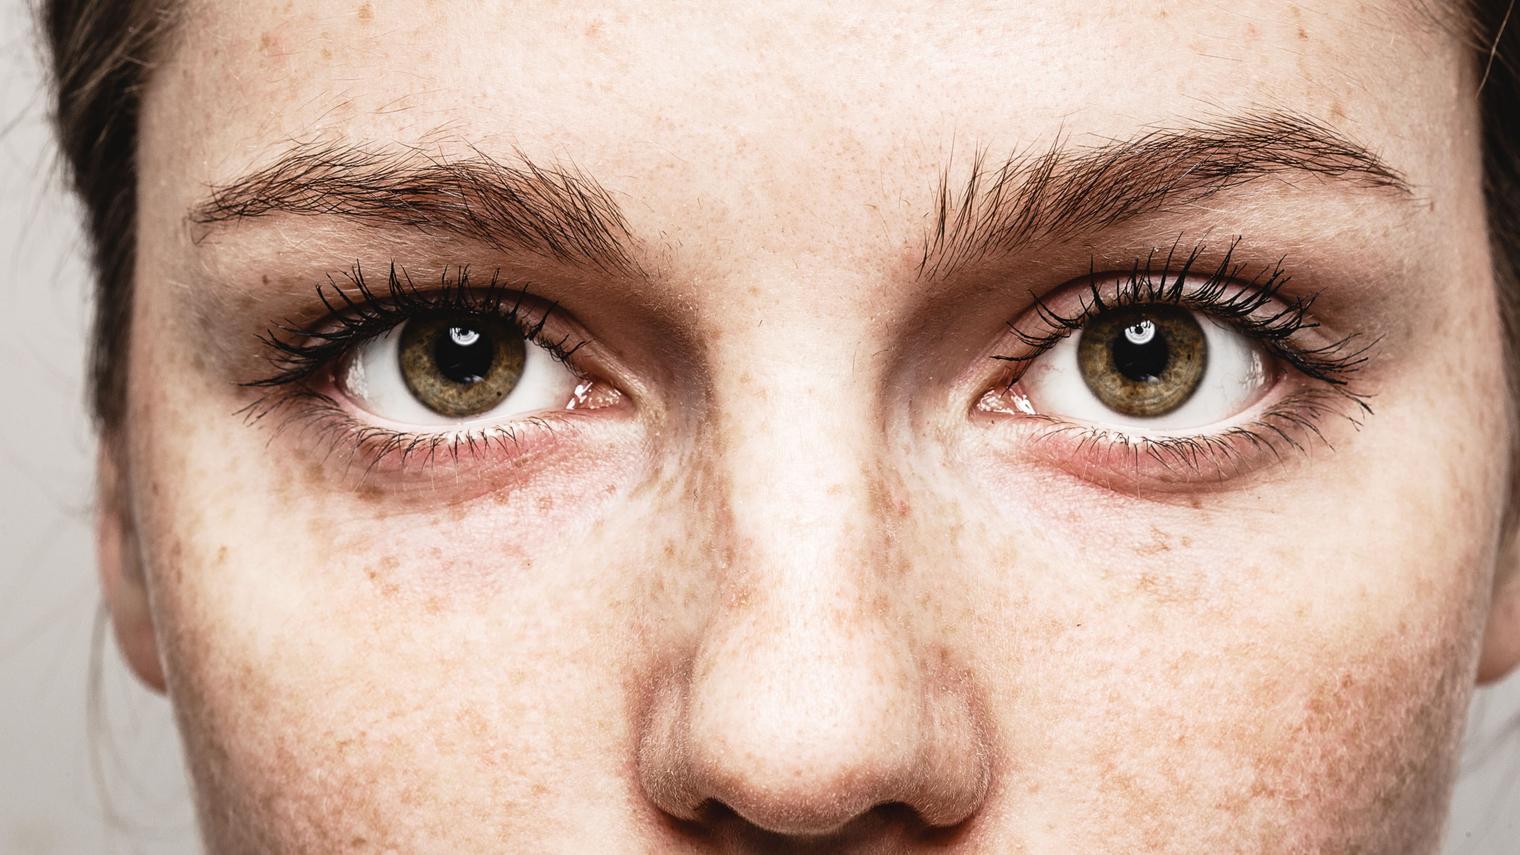 تمتلك المرأة القدرة على قراءة الوجوه